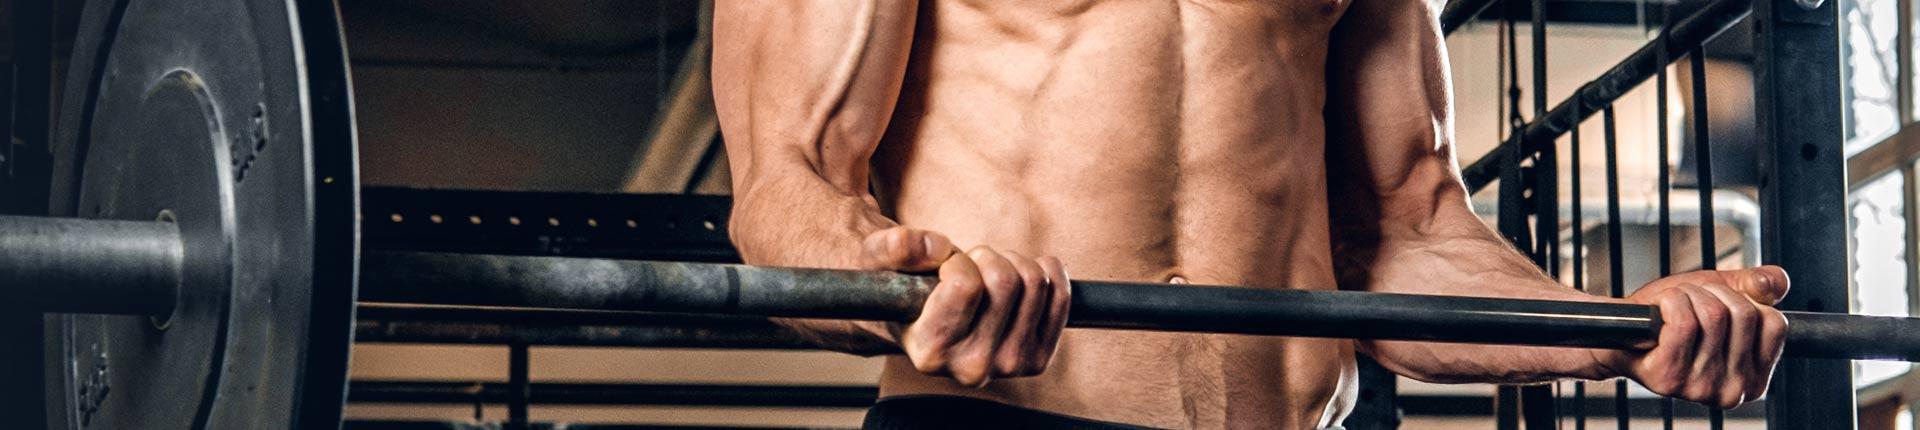 Szybka i efektywna rozgrzewka przed treningiem siłowym bez cardio